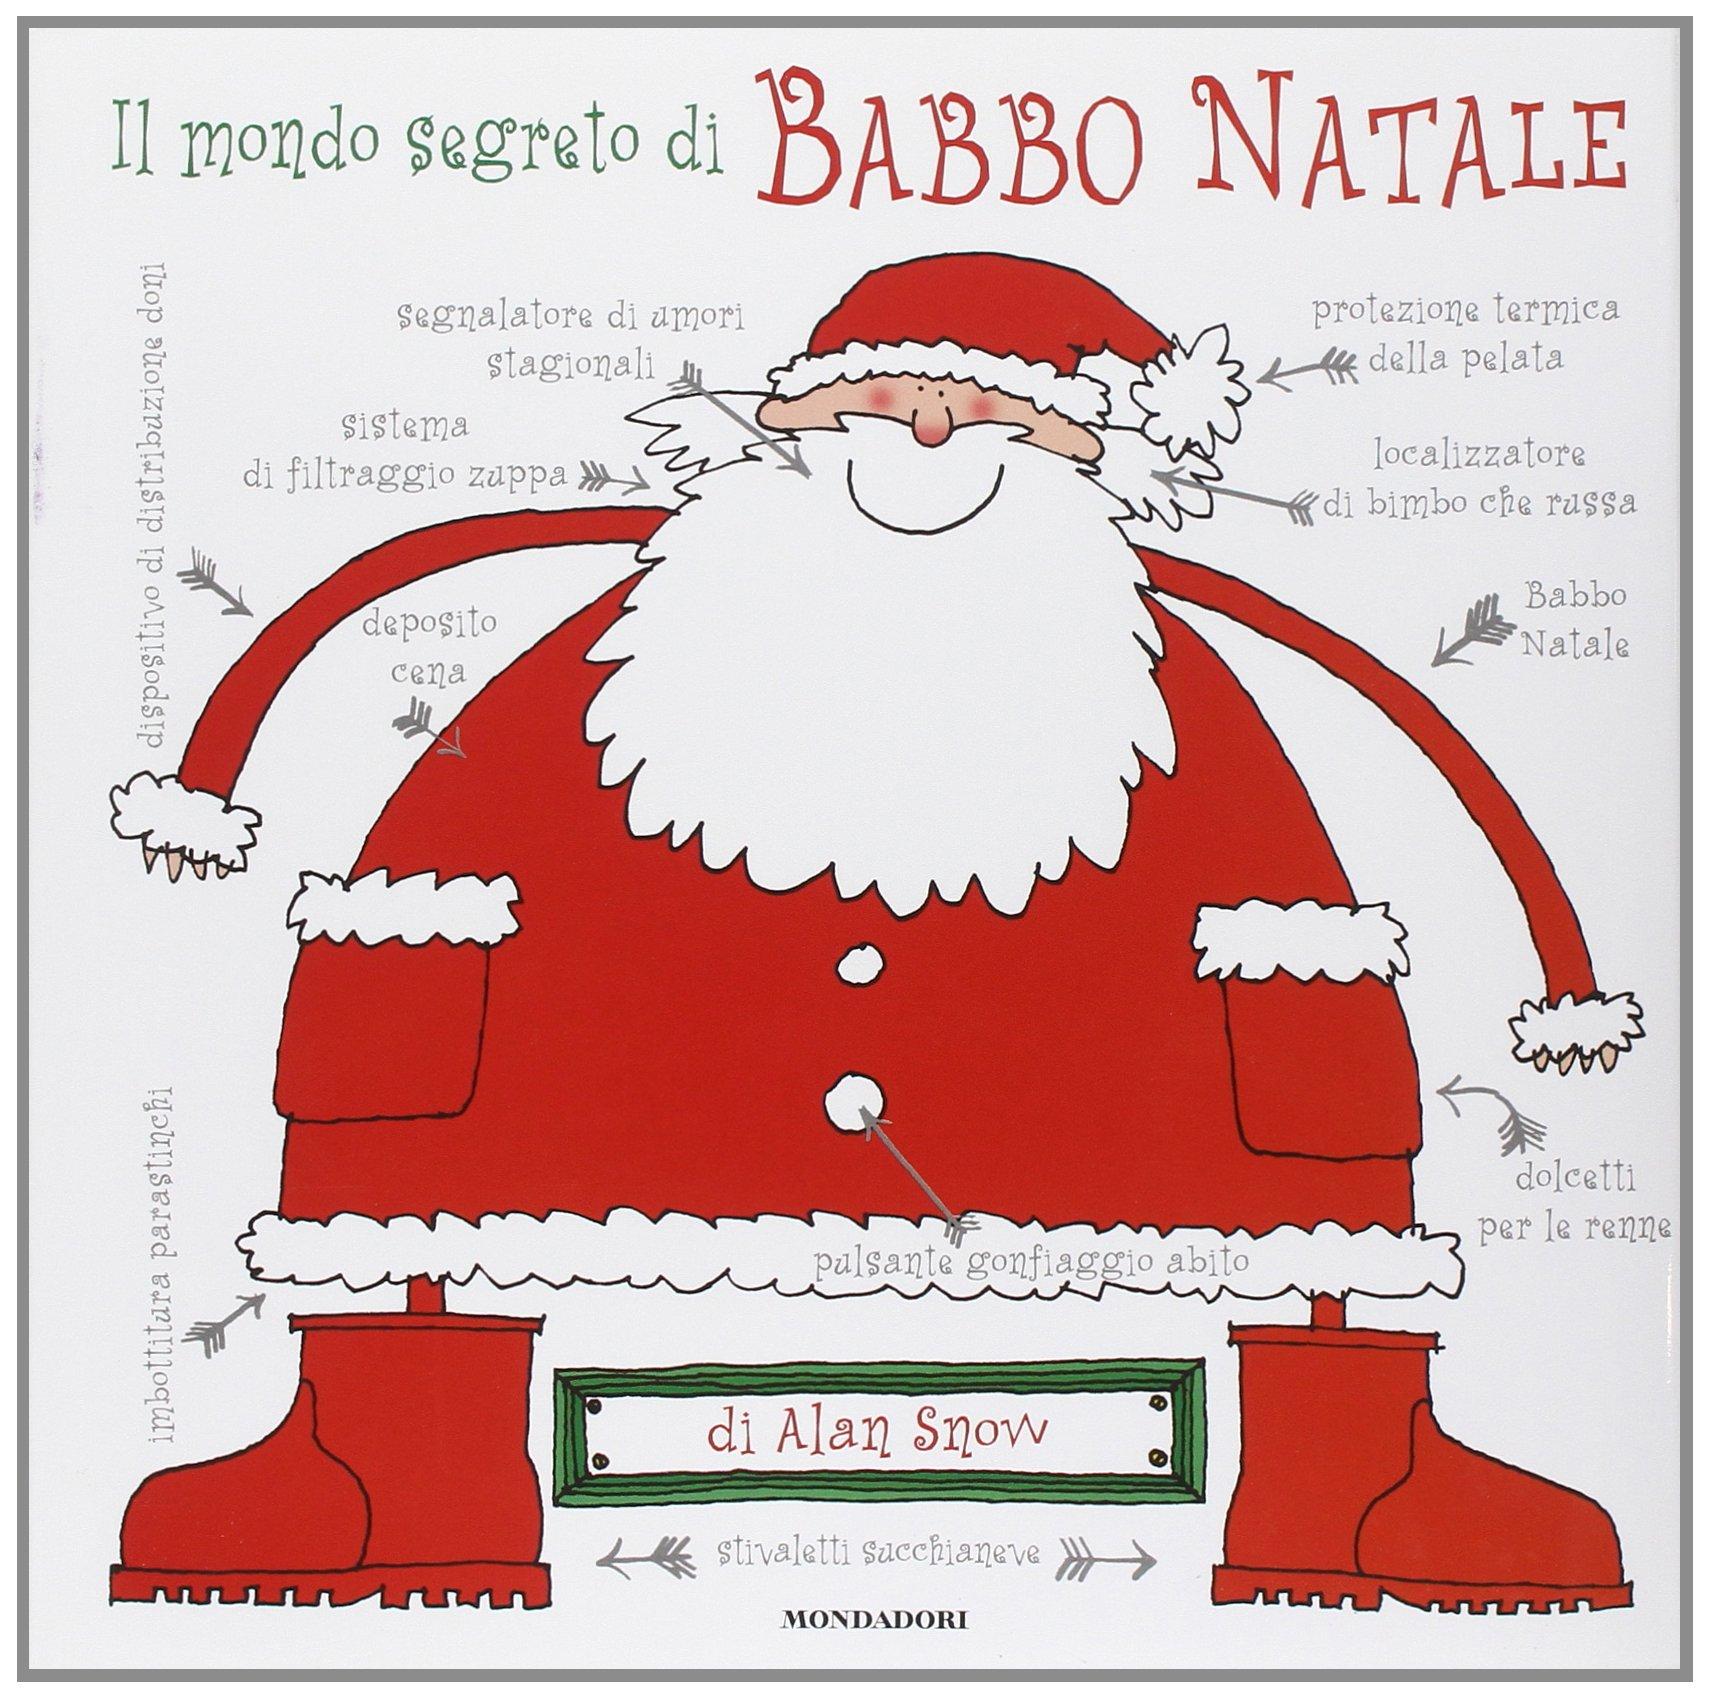 Immagini Di Natale Di Babbo Natale.Amazon It Il Mondo Segreto Di Babbo Natale Ediz